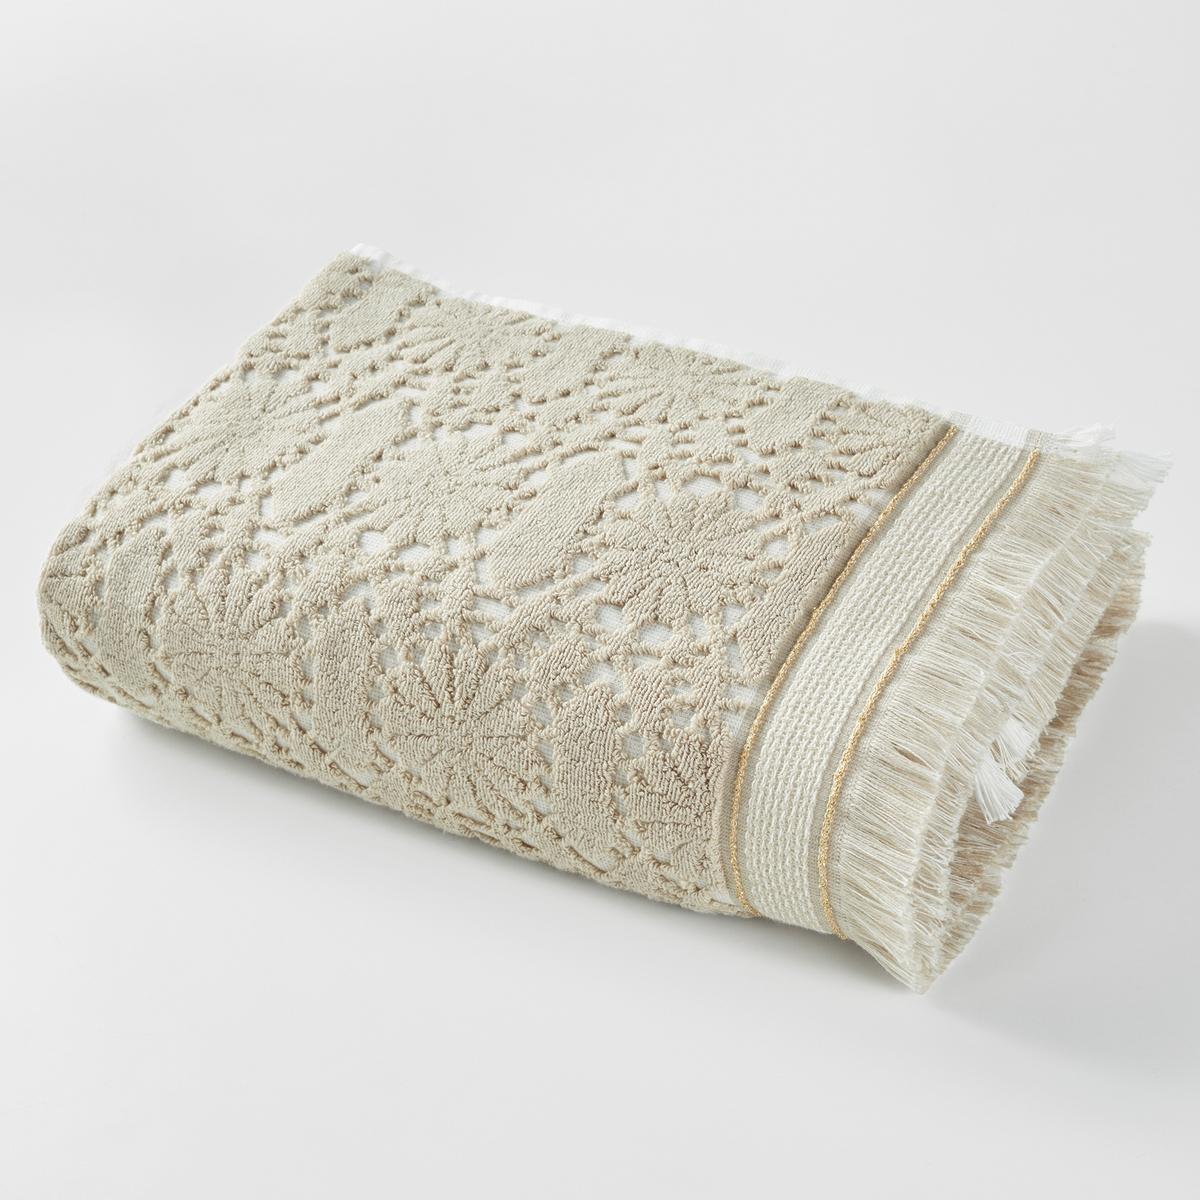 Полотенце банное Purdy, 500 г/м?Полотенце из жаккардовой ткани, 100% хлопка плотностью 500 г/м? с зубчатым рисункомХарактеристики банного полотенца Purdyмягкий и пористый ультравпитывающий материал стирать при 40°.Жаккардовая ткань с зубчатым рисунком.Размер банного полотенца Purdy50 x 100 см.<br><br>Цвет: бежевый,сине-зеленый,шафран